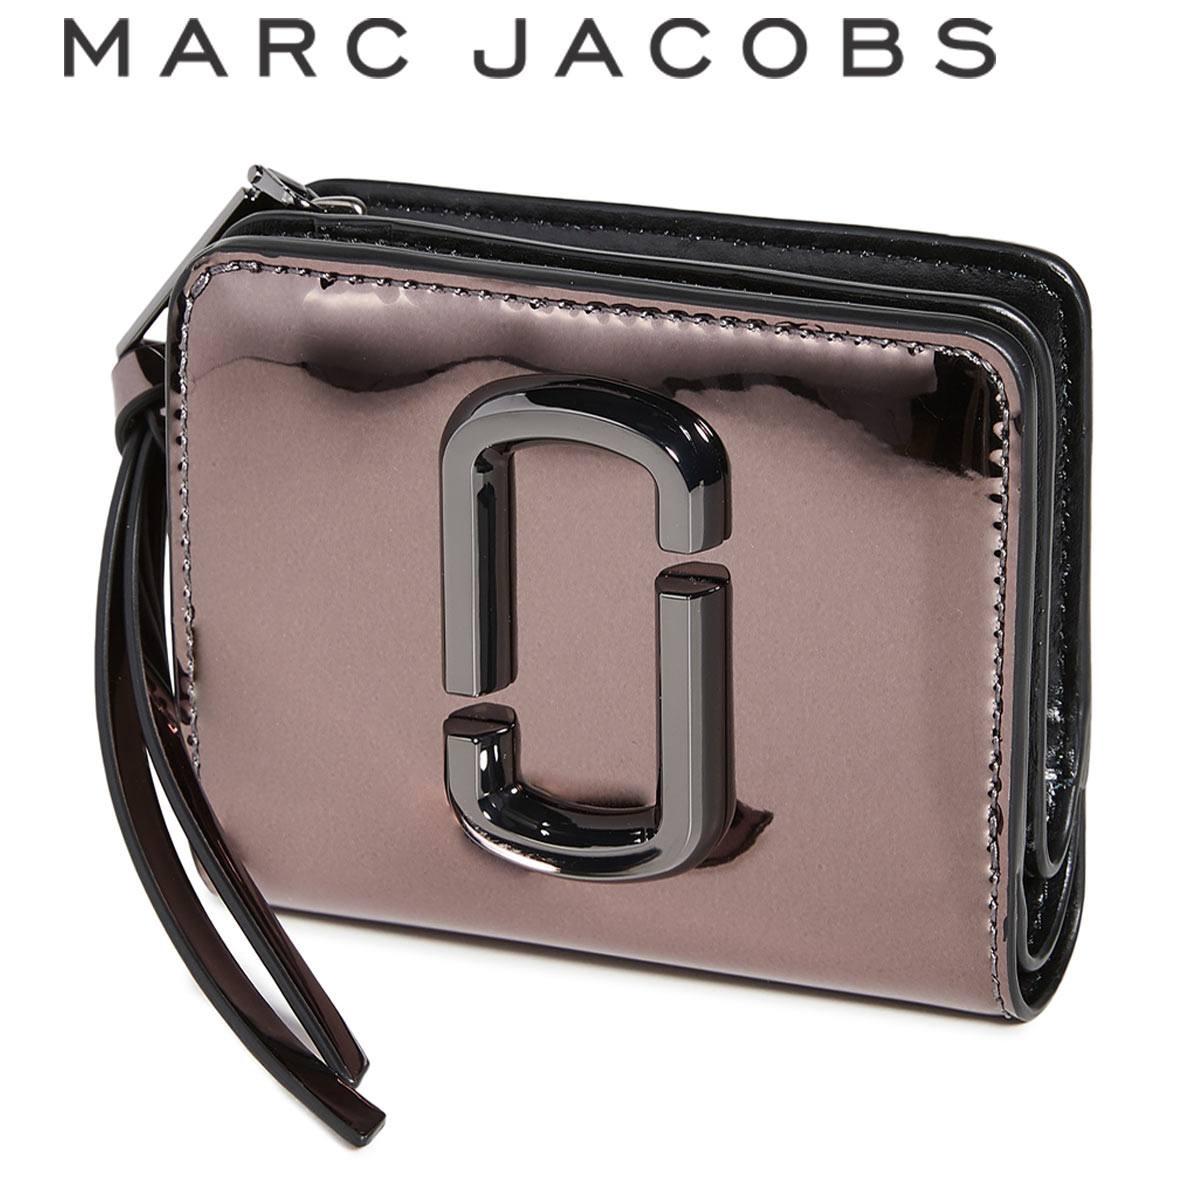 マークジェイコブス 財布 二つ折り ミニ財布 レディース ブランド コンパクト おしゃれ かわいい MARC JACOBS